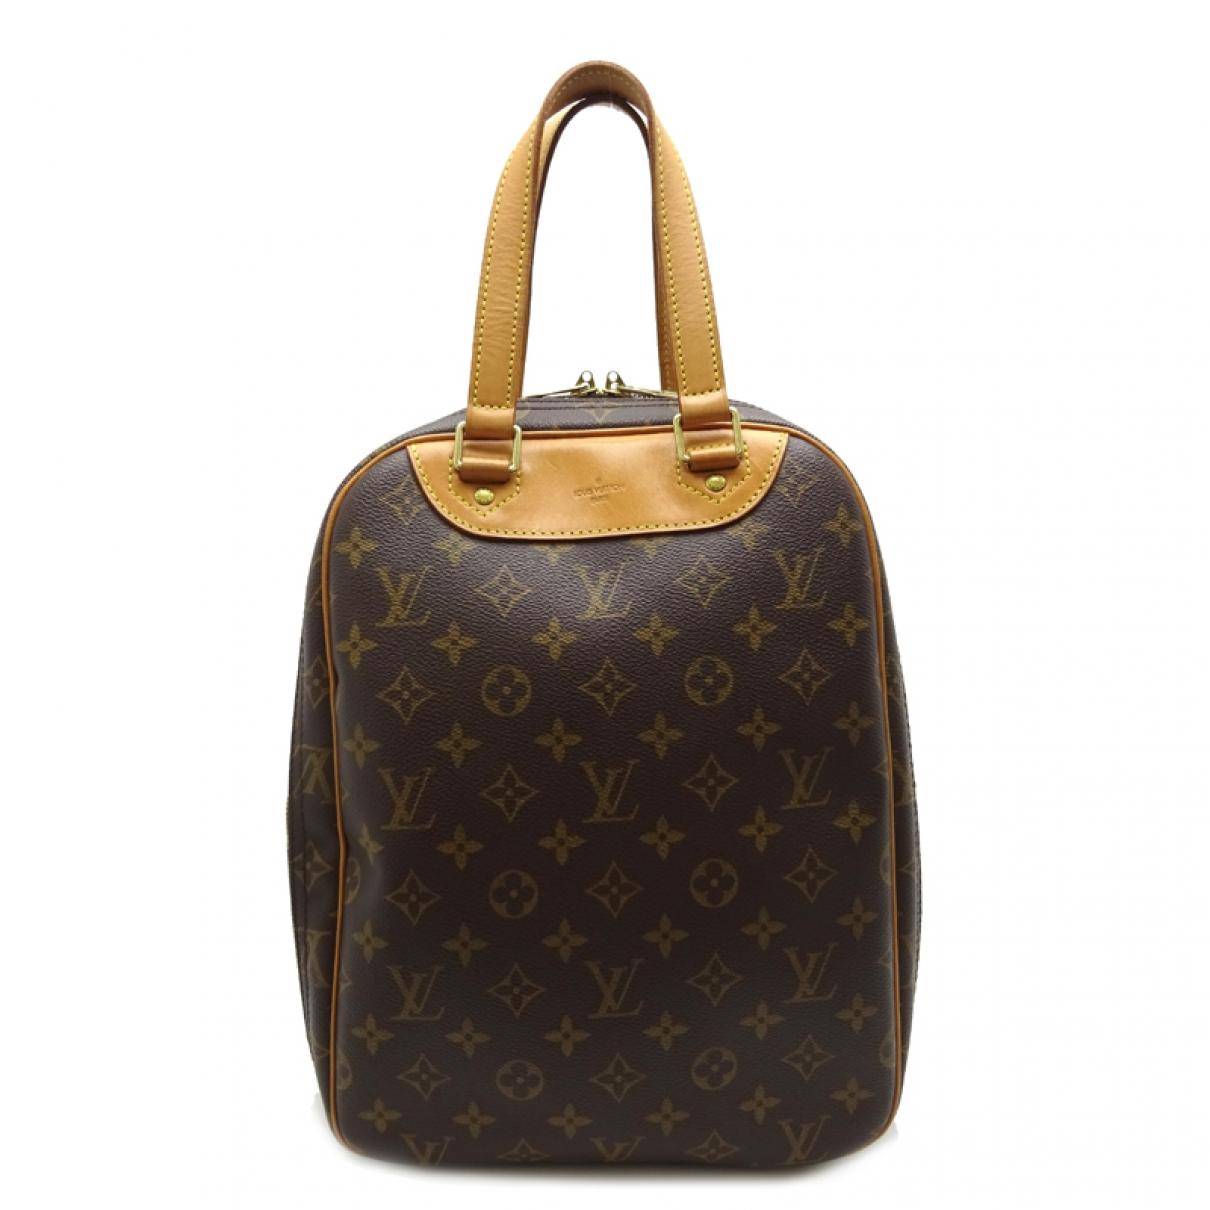 Louis Vuitton - Sac a main Excursion  pour femme en toile - marron